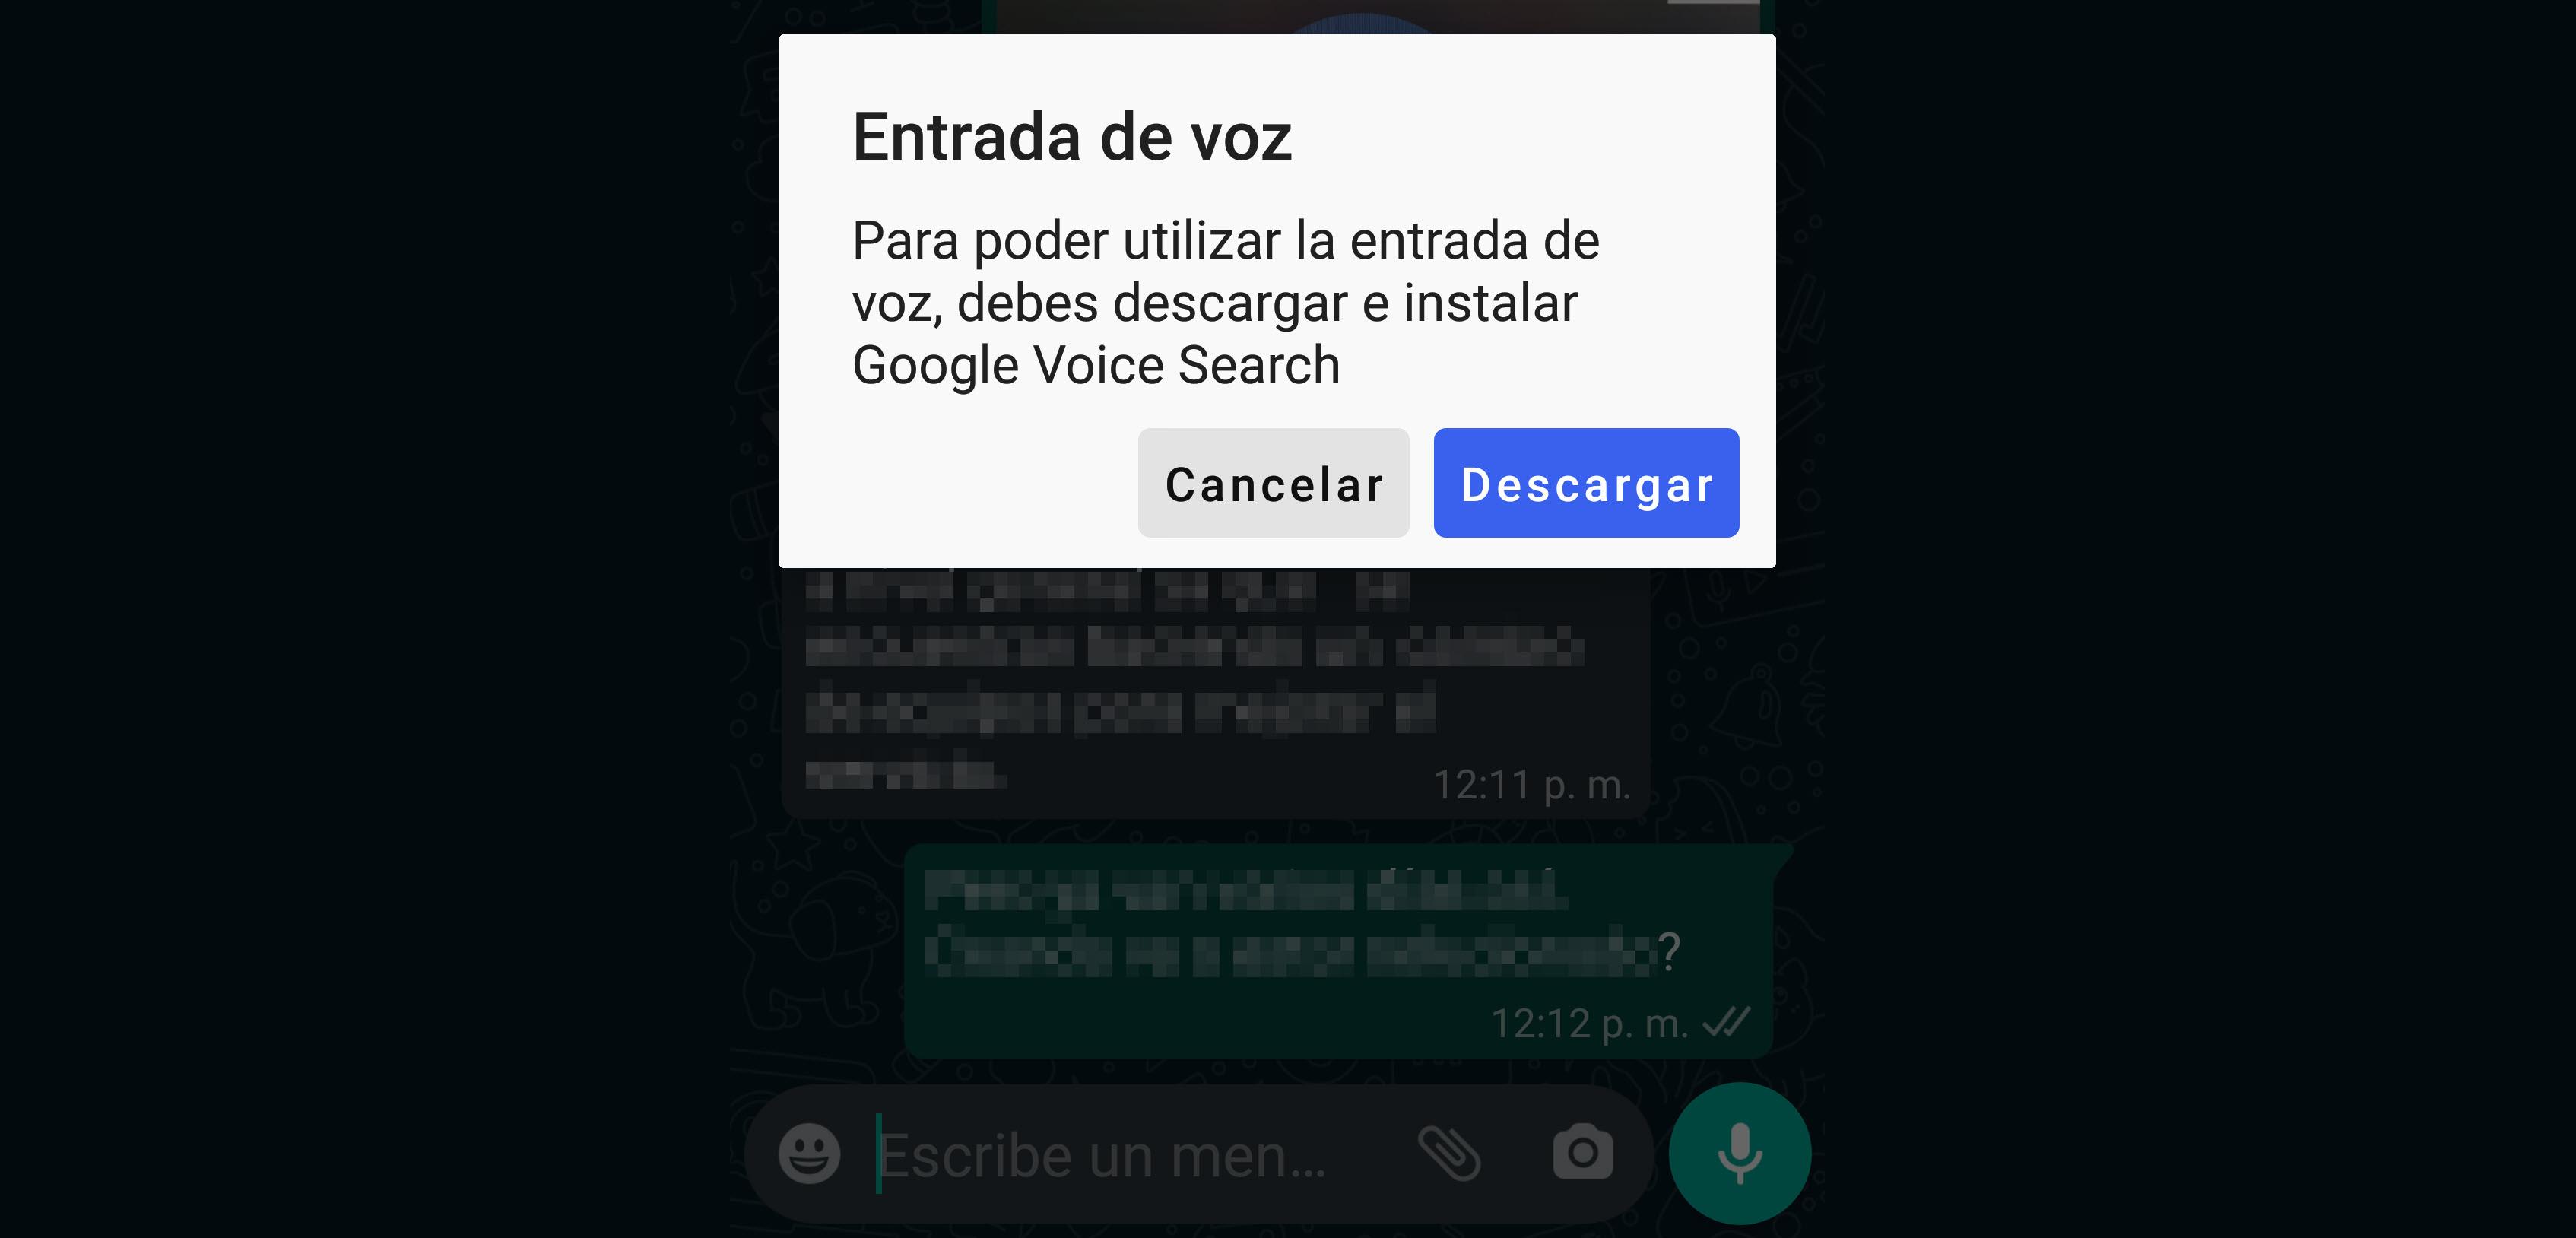 Cómo activar o desactivar el dictado por voz en WhatsApp